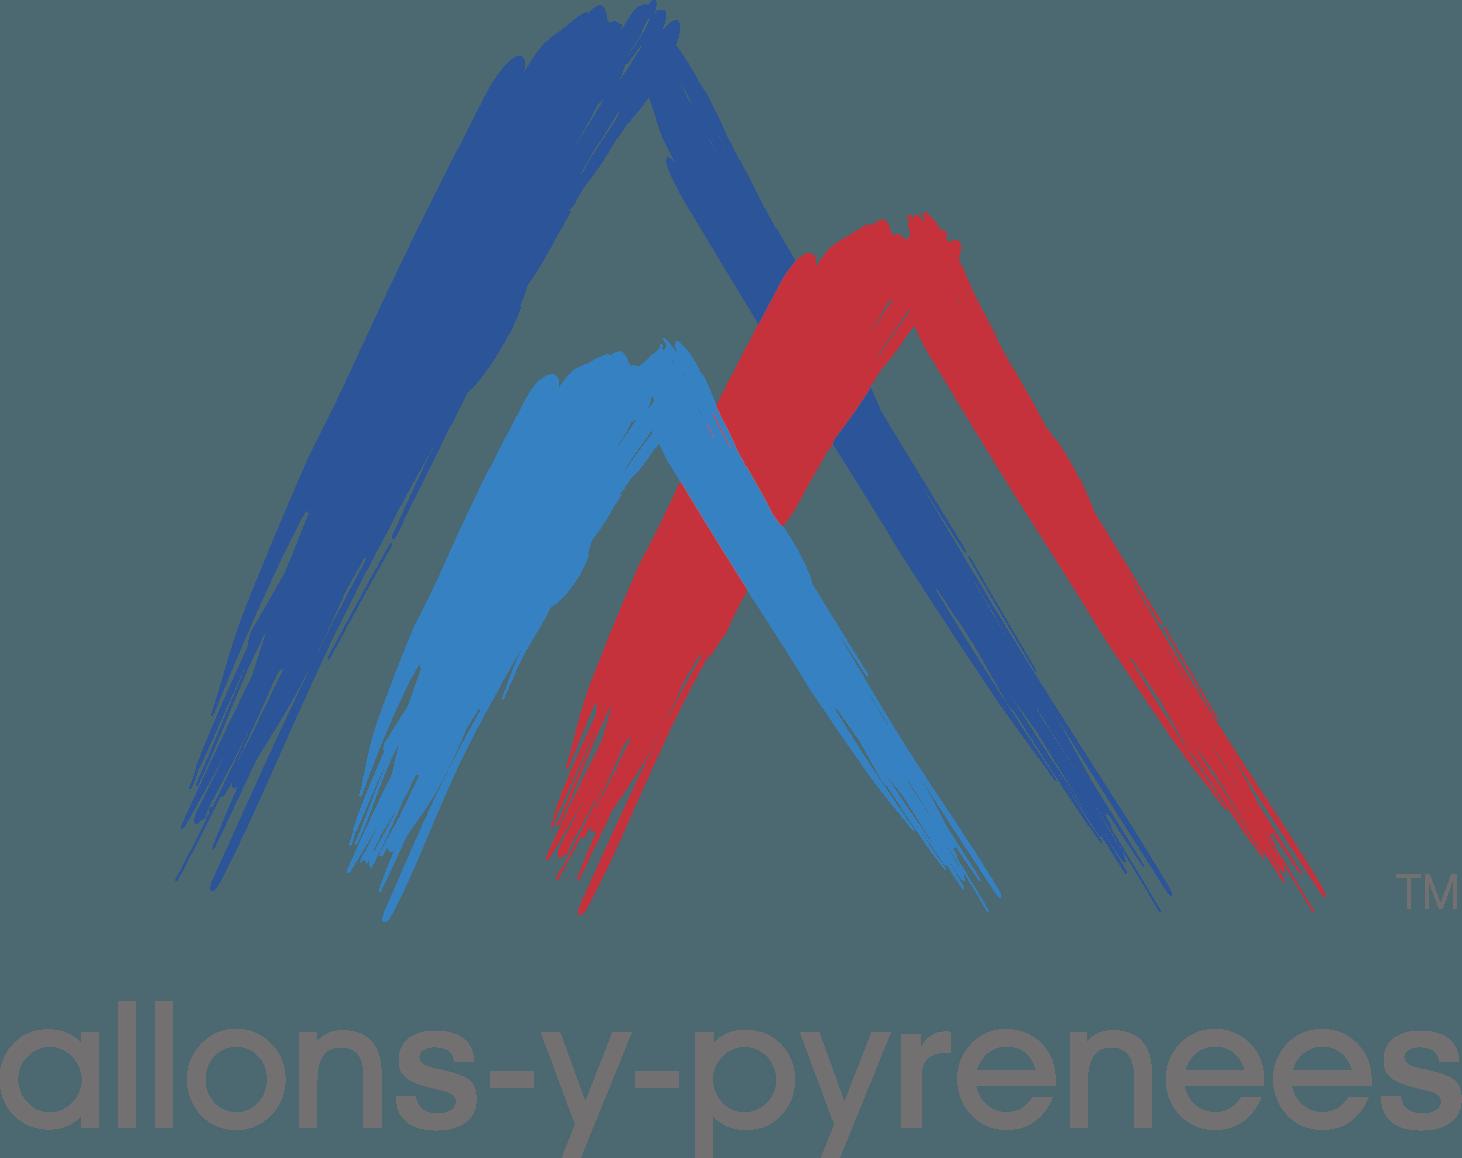 ayp-logo-final